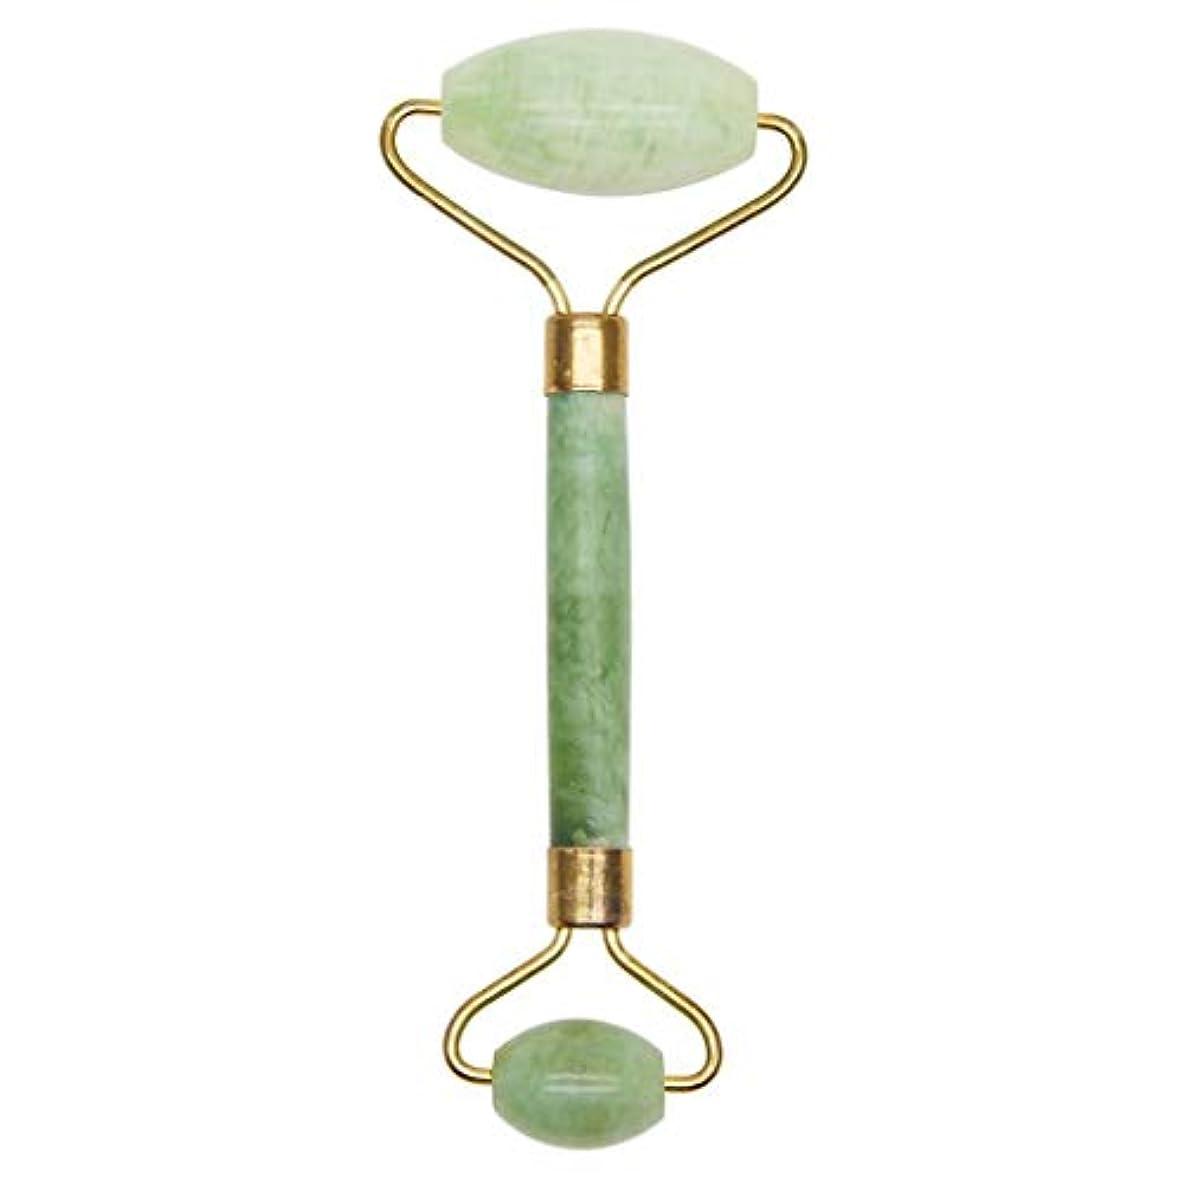 顎傘装備する自然なXiuyushiの美棒のマッサージのヒスイのローラー押す表面および目薄い表面の美のヒスイの球のマッサージャー